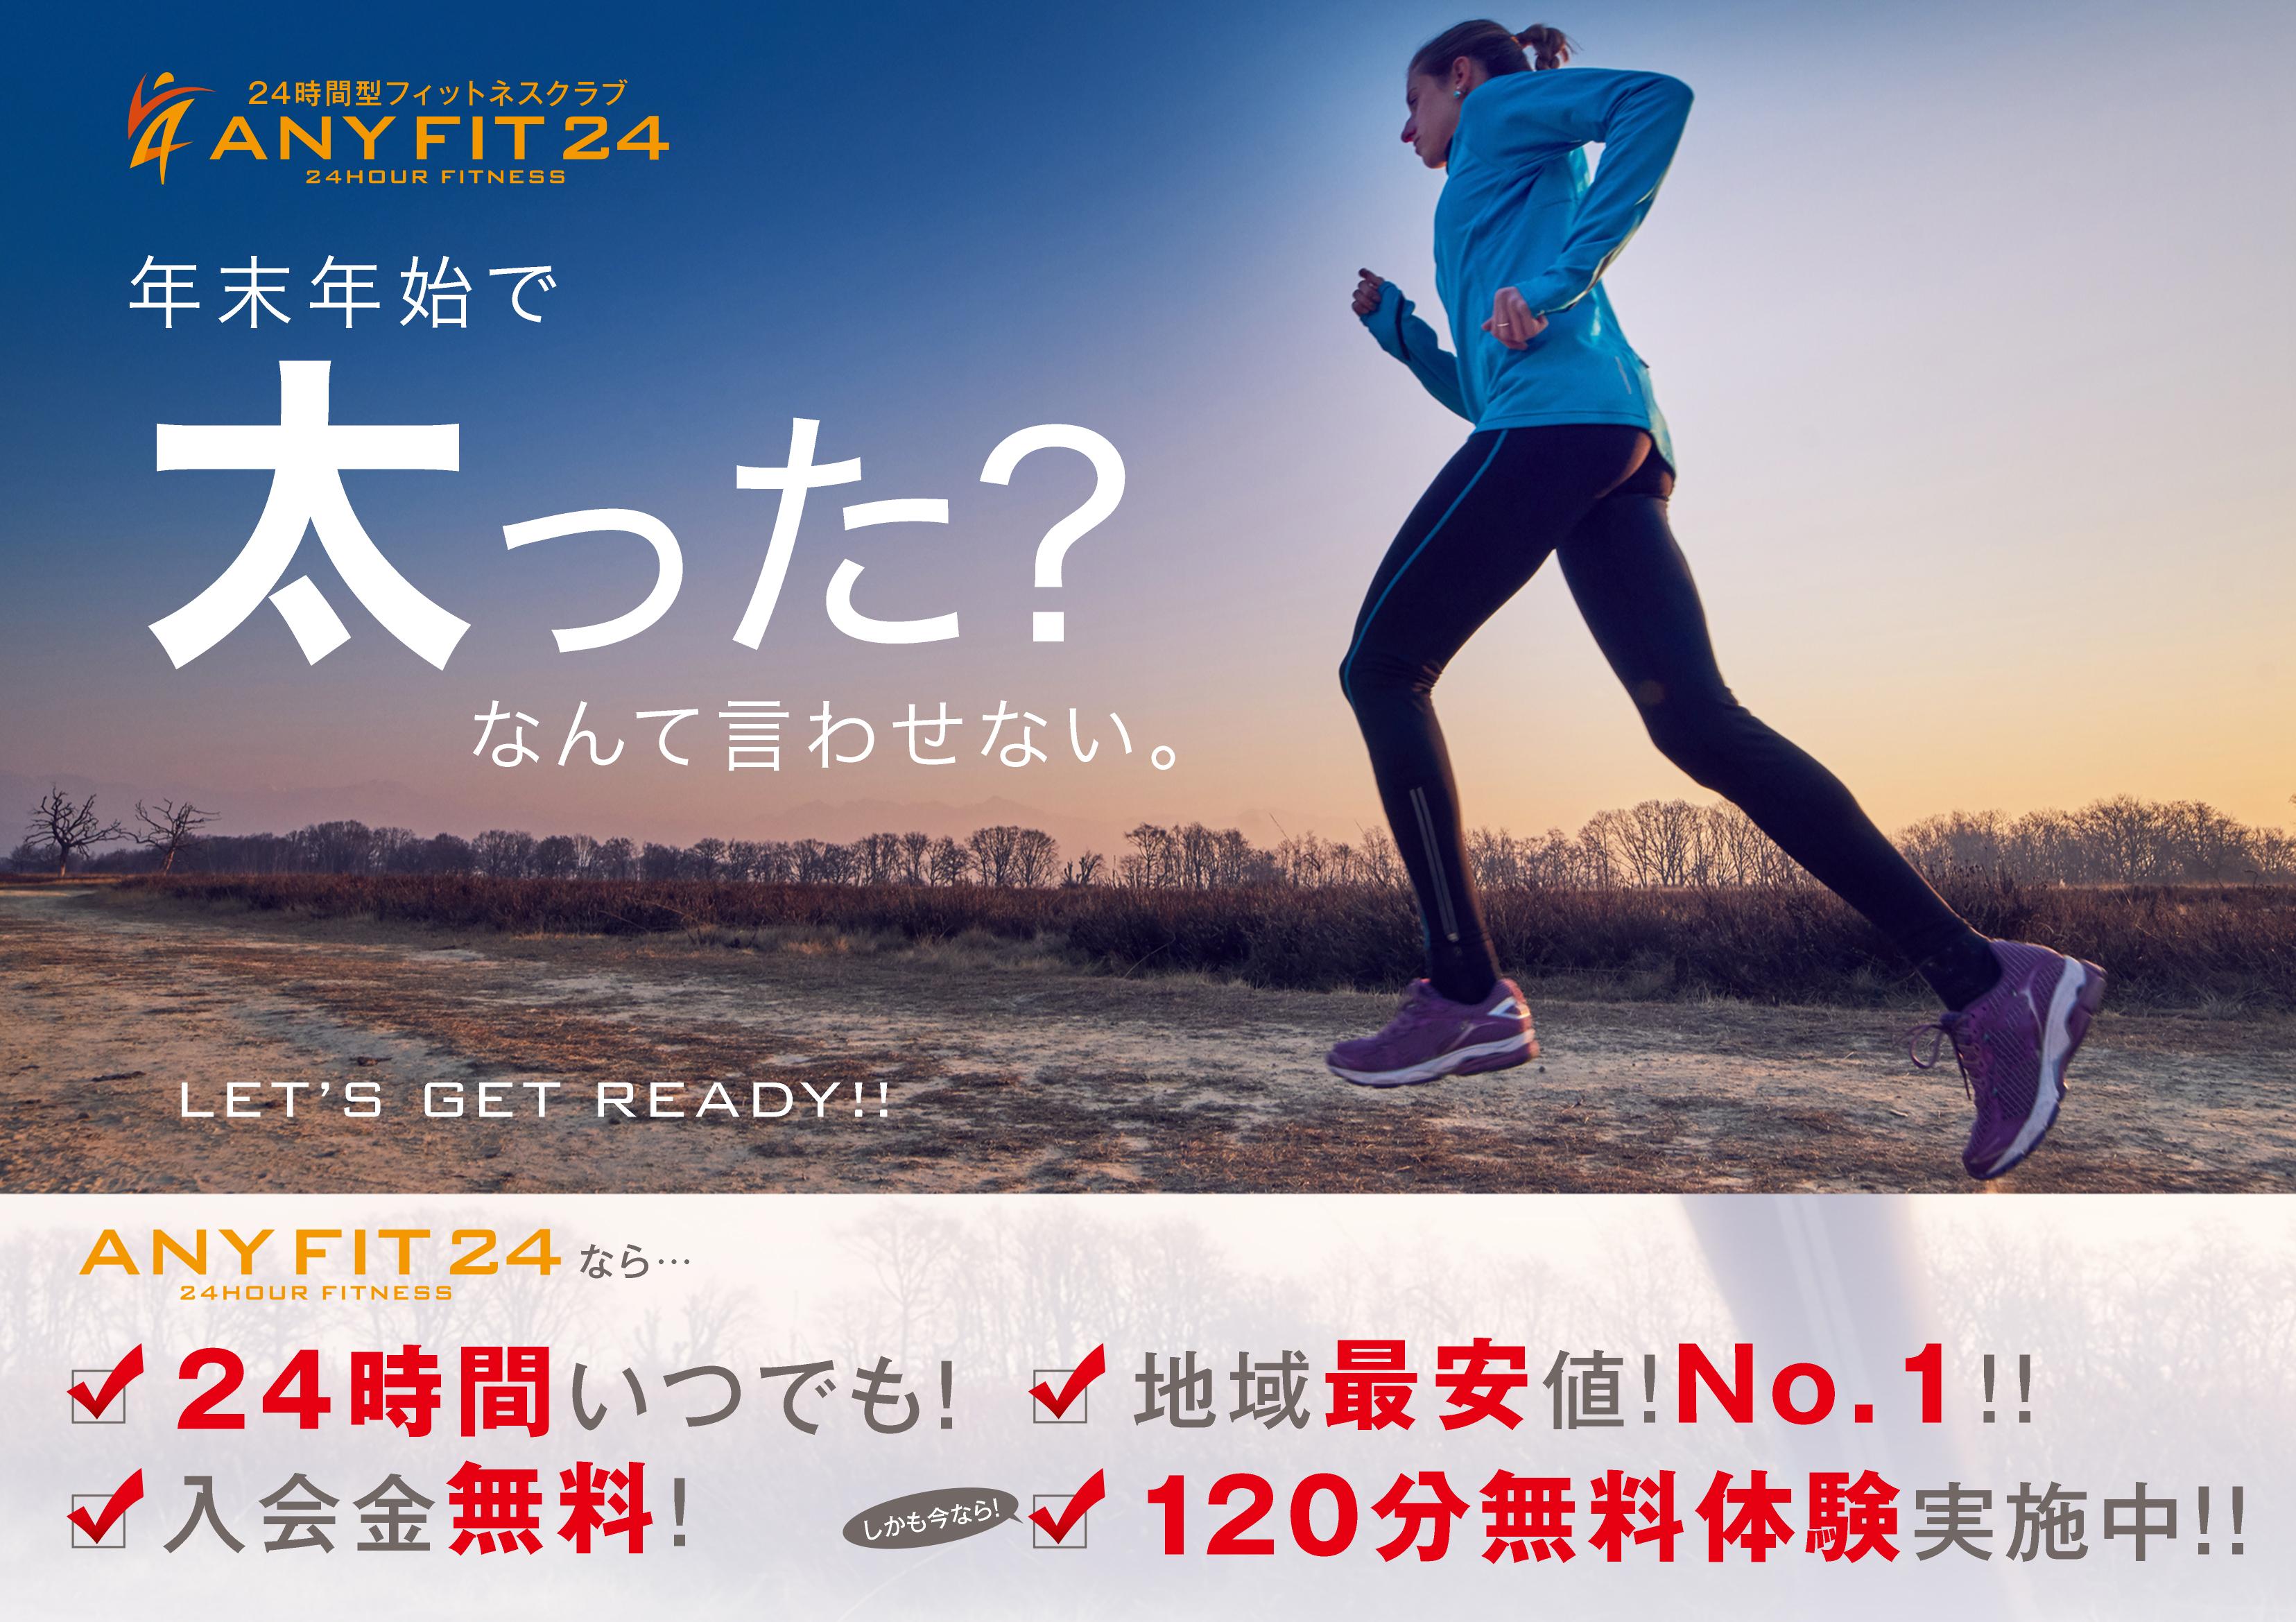 【北久里浜店】ご好評につき<br />レンタルシューズロッカー増設!